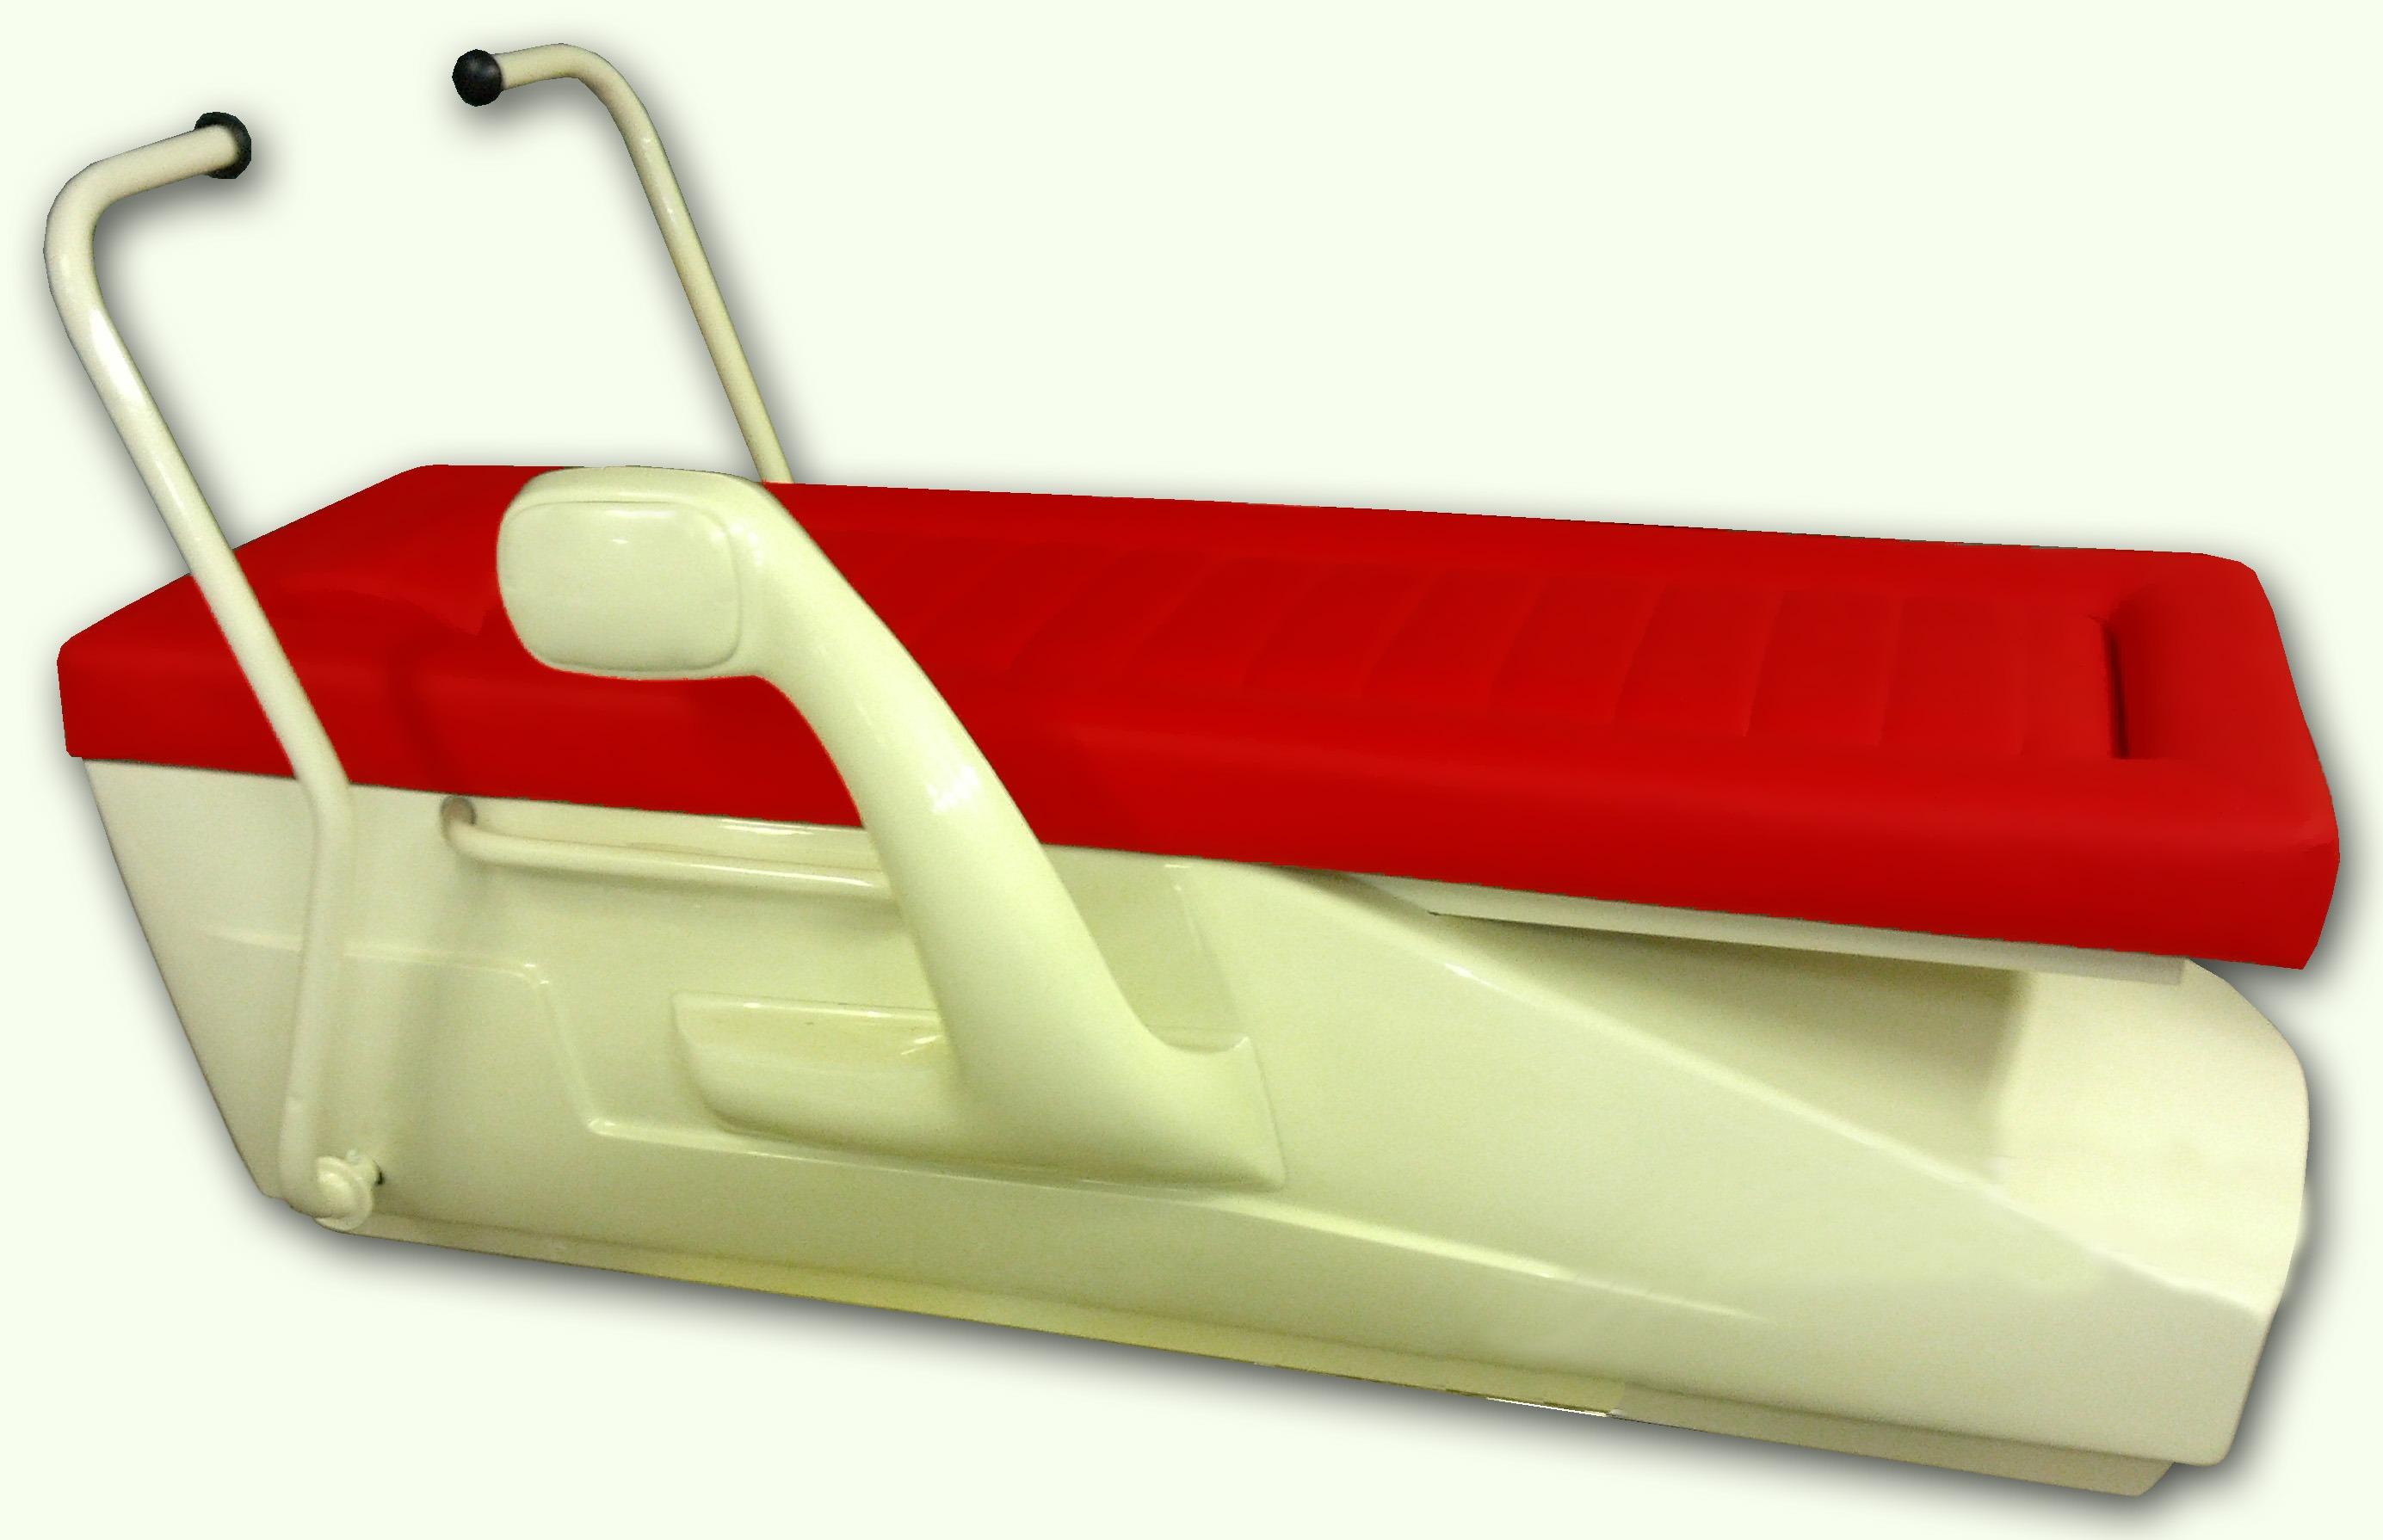 Тонусный стол СТ-06 (для плечевого пояса и релаксации)